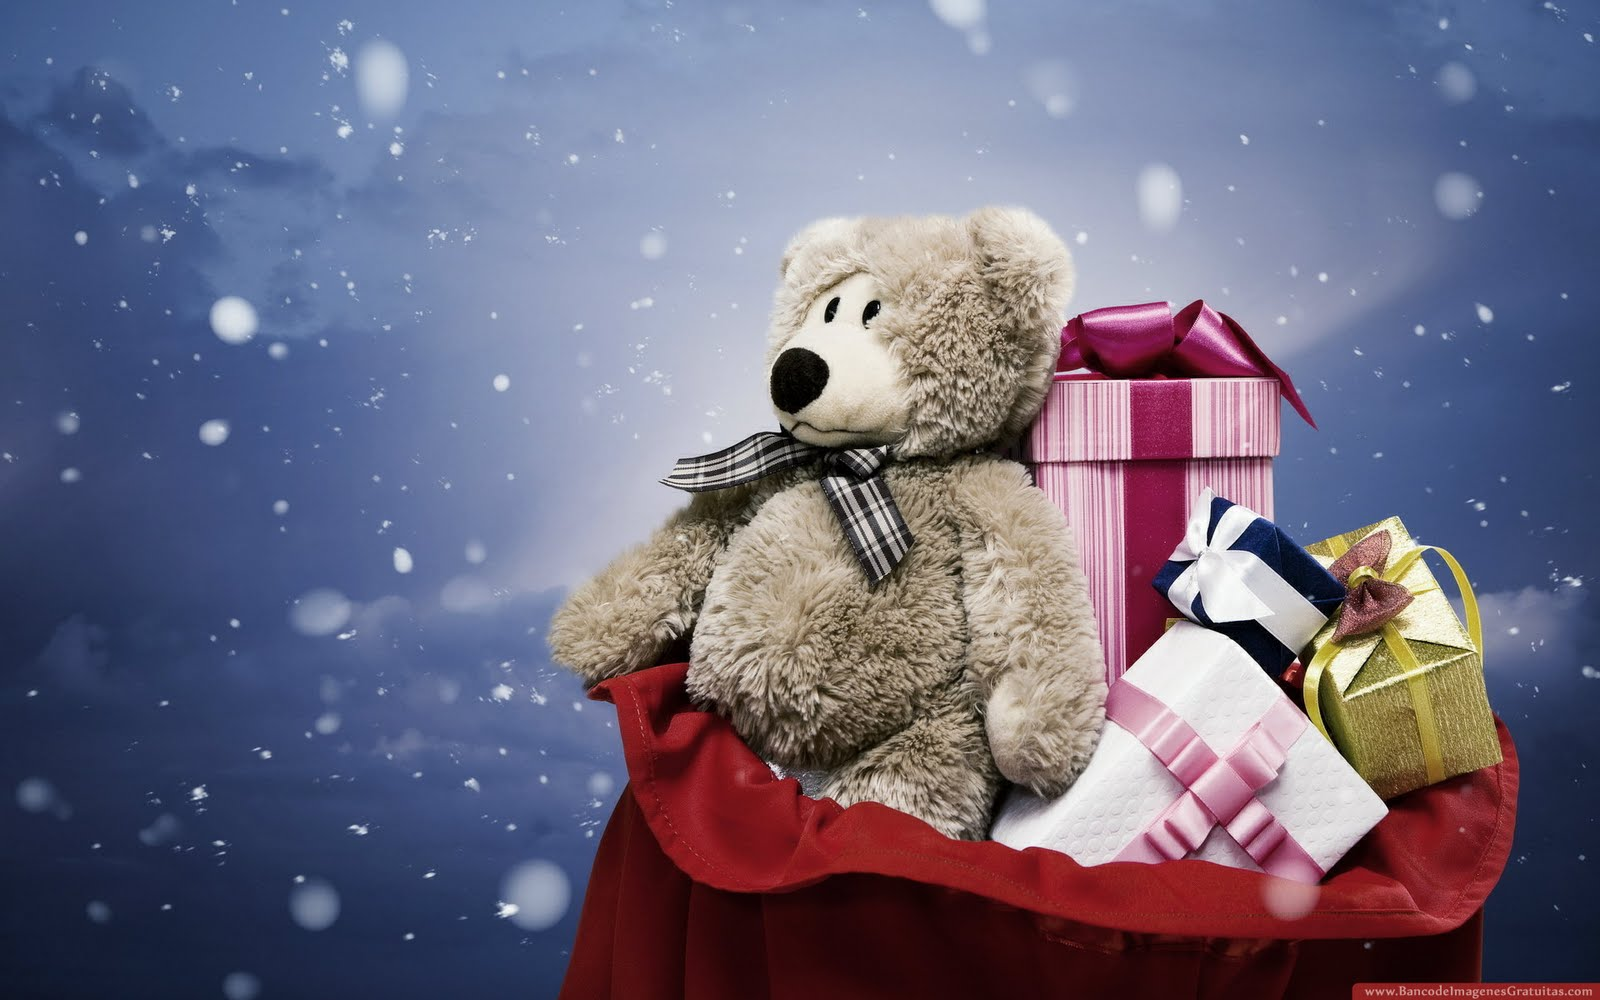 Oso de peluche con muchos regalos (wallpaper)